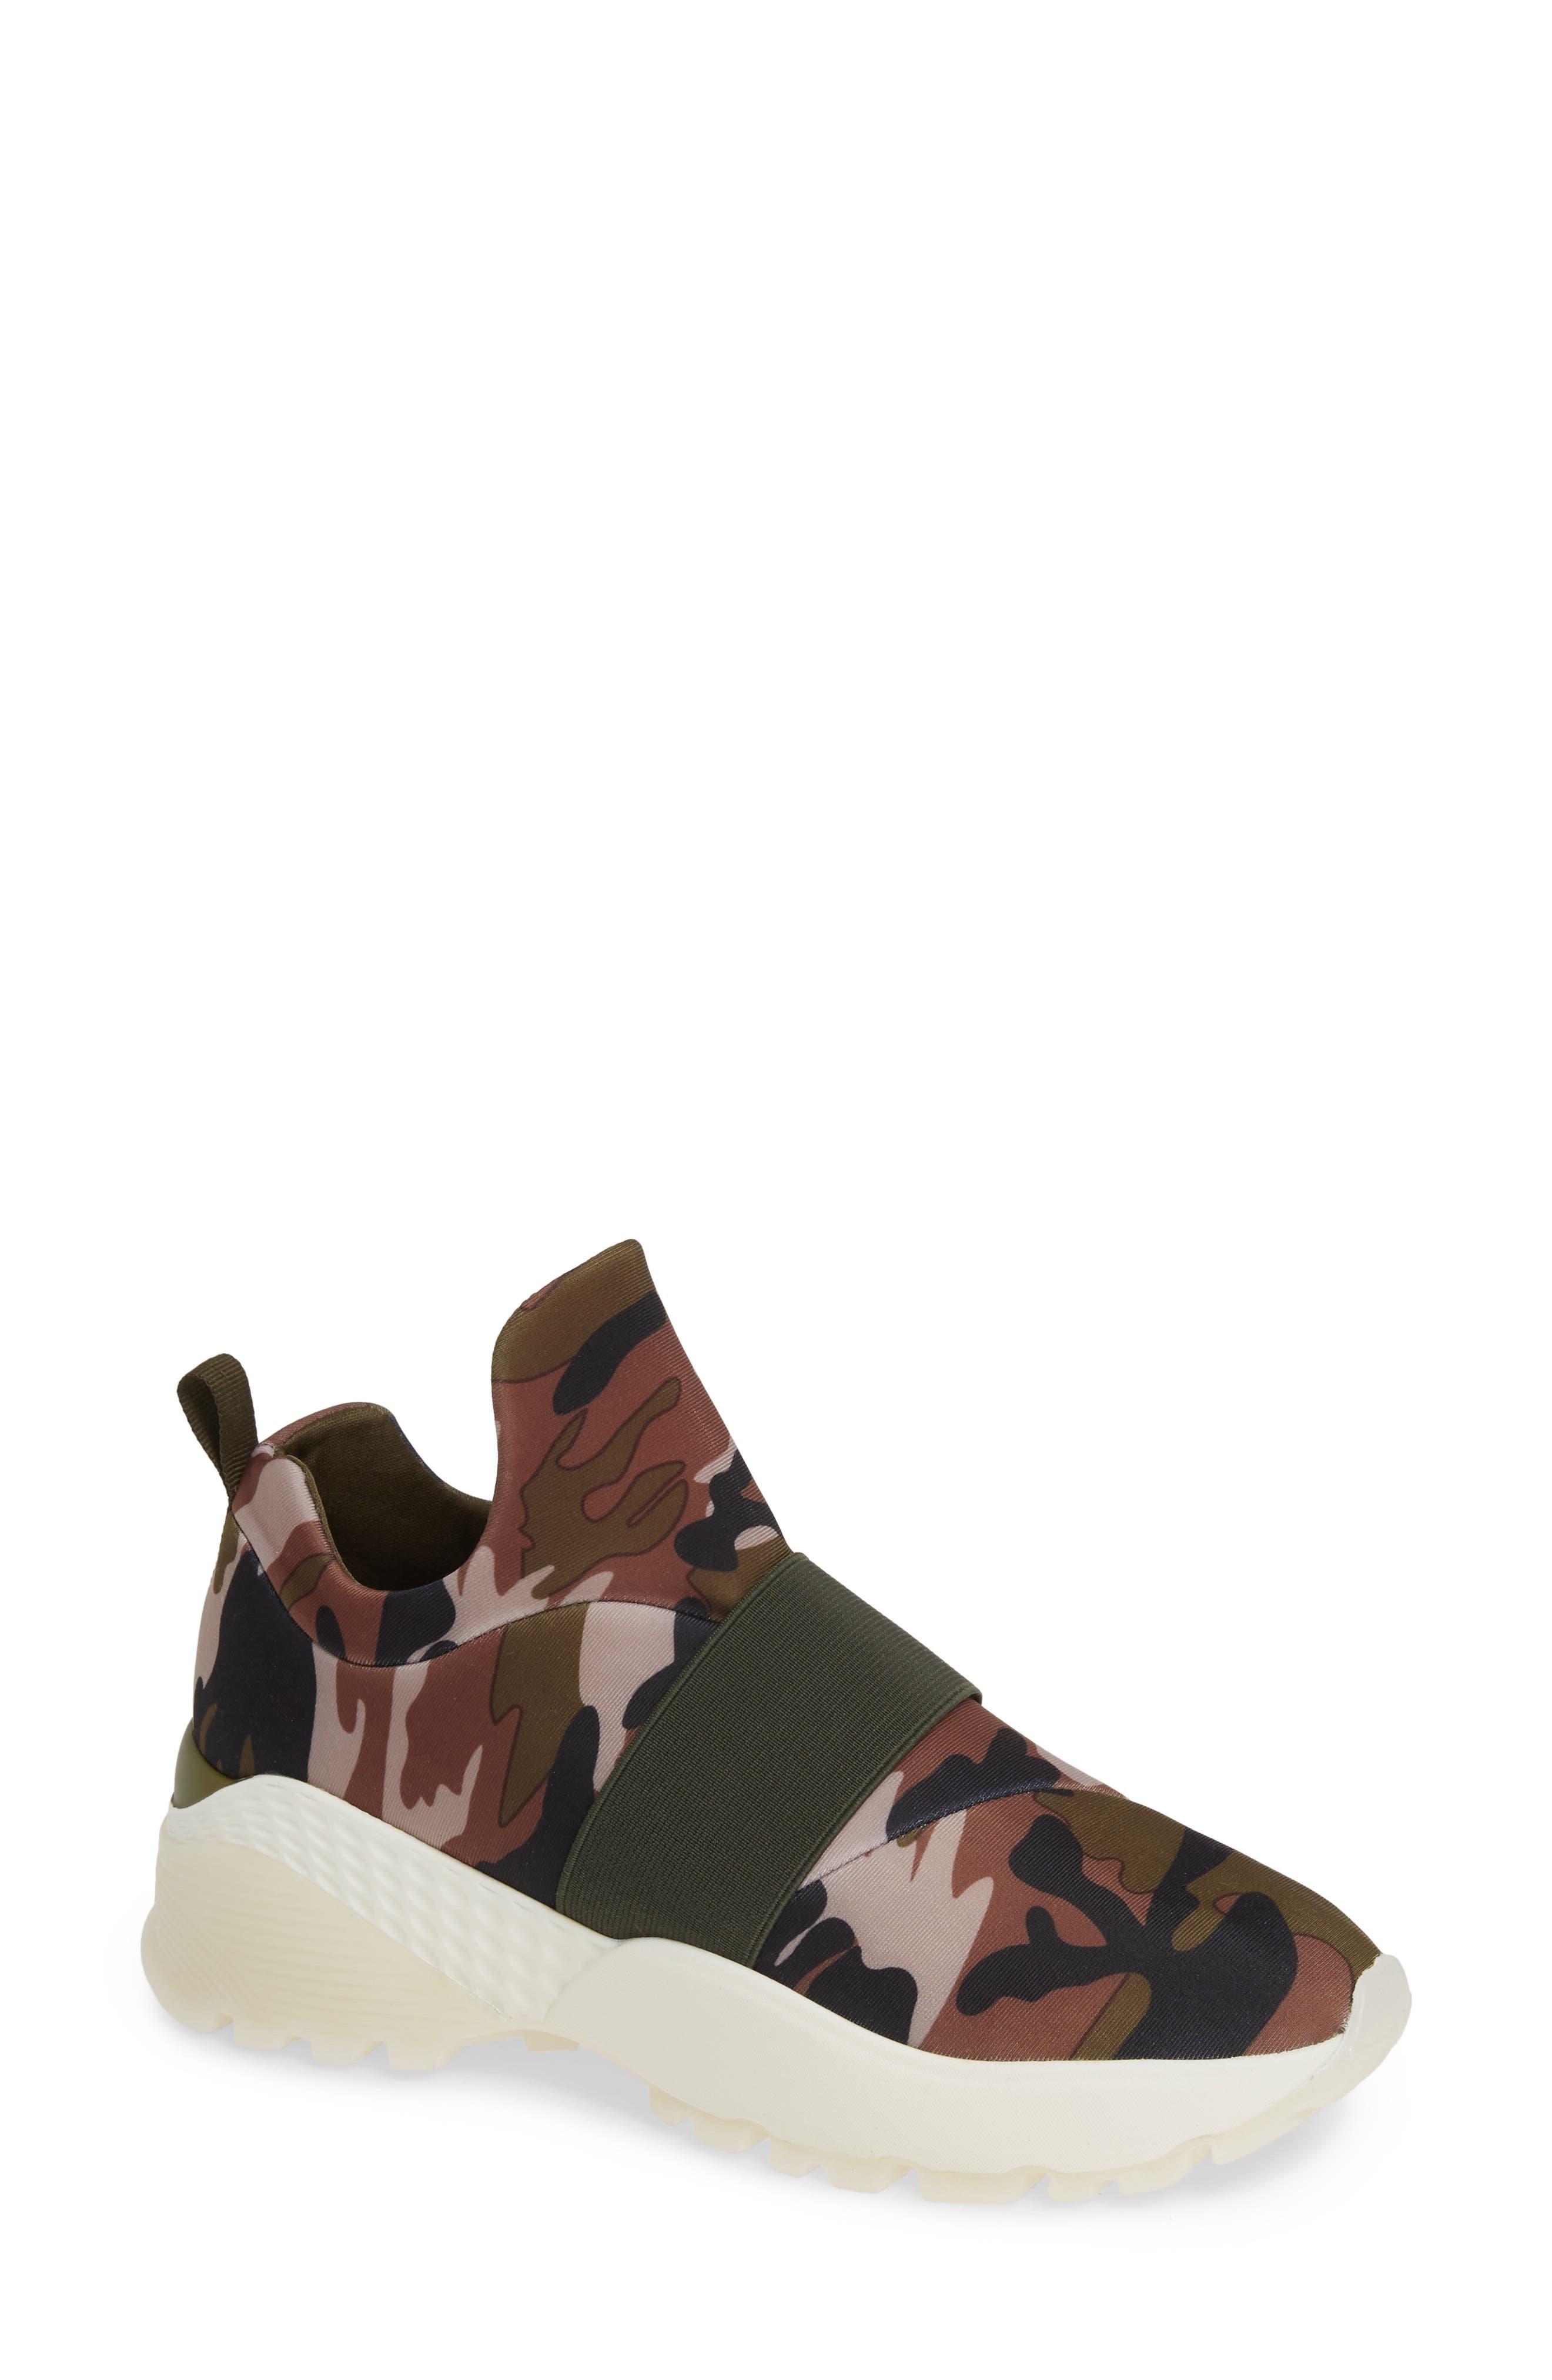 Jslides Slip-On Sneaker, Green